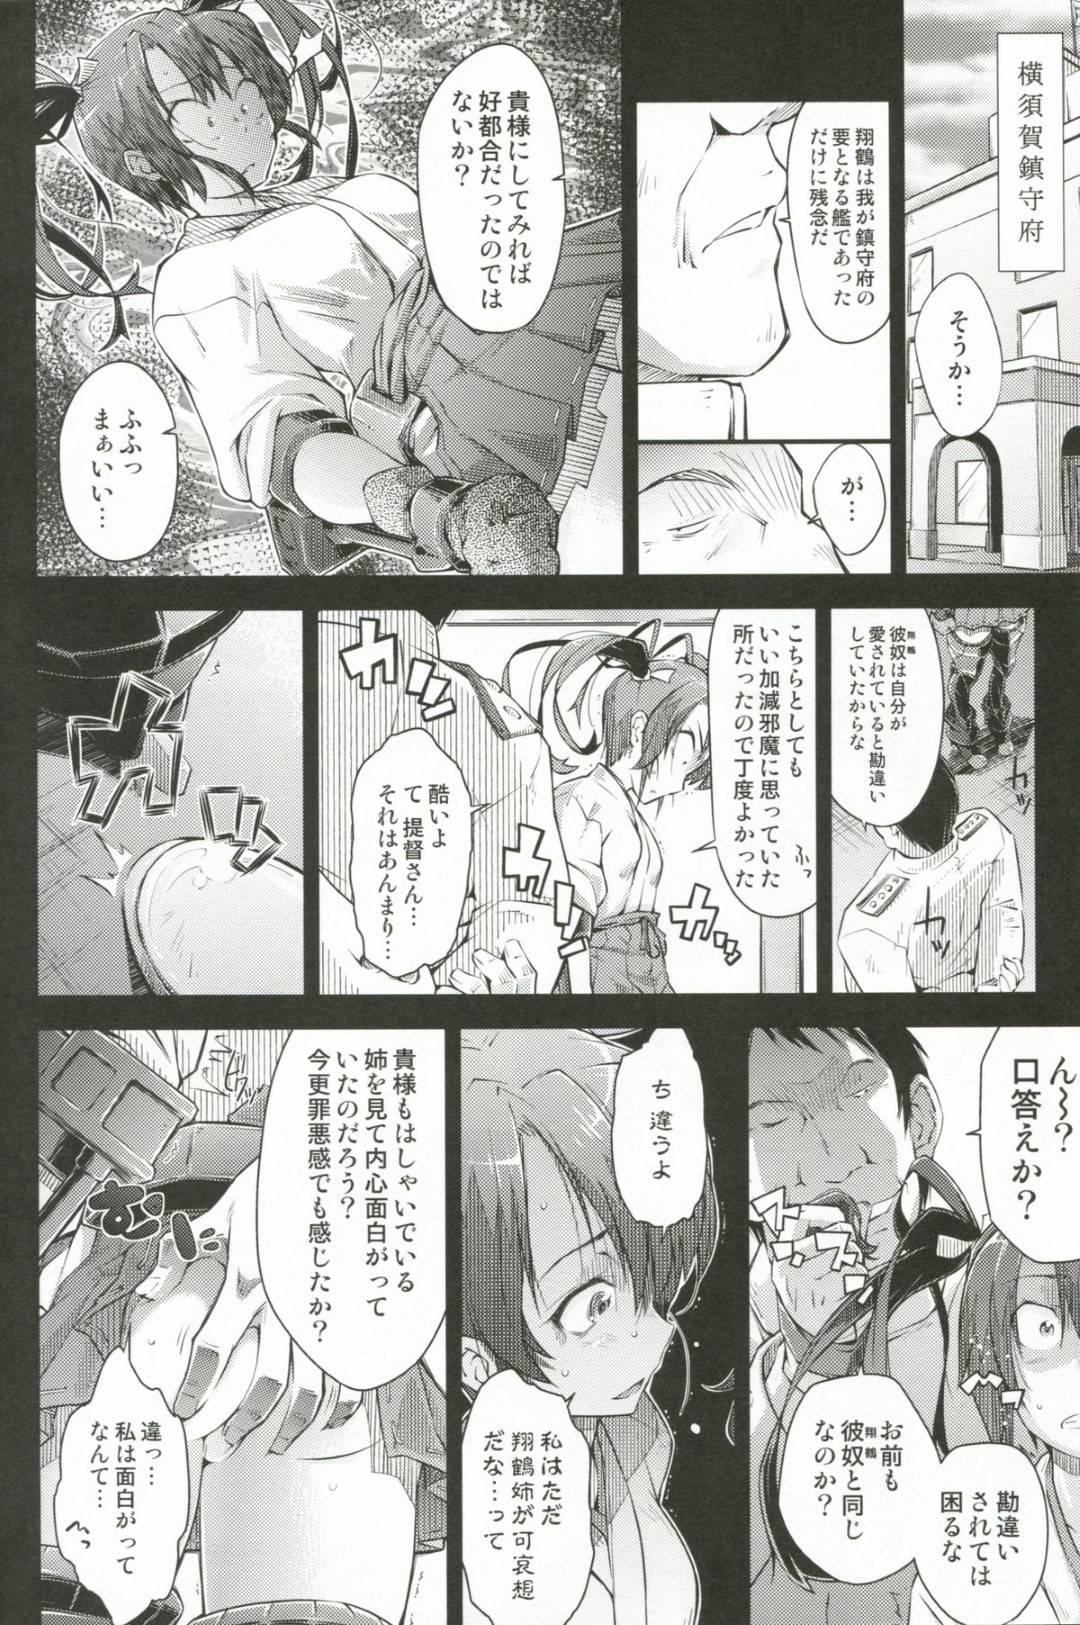 【エロ同人誌】(C85)翔鶴が轟沈した後目が覚めると拘束されていた瑞鶴…なんと2人とも轟沈していた!翔鶴が気づいた提督の匂いを追求され瑞鶴は気持ちよくなる薬と引き換えに提督と肉体関係にあった!その事実を知った翔鶴はショックで轟沈を選択したのだった!【無印堂 (やくた):沈みゆくふたり/艦隊これくしょん -艦これ-】